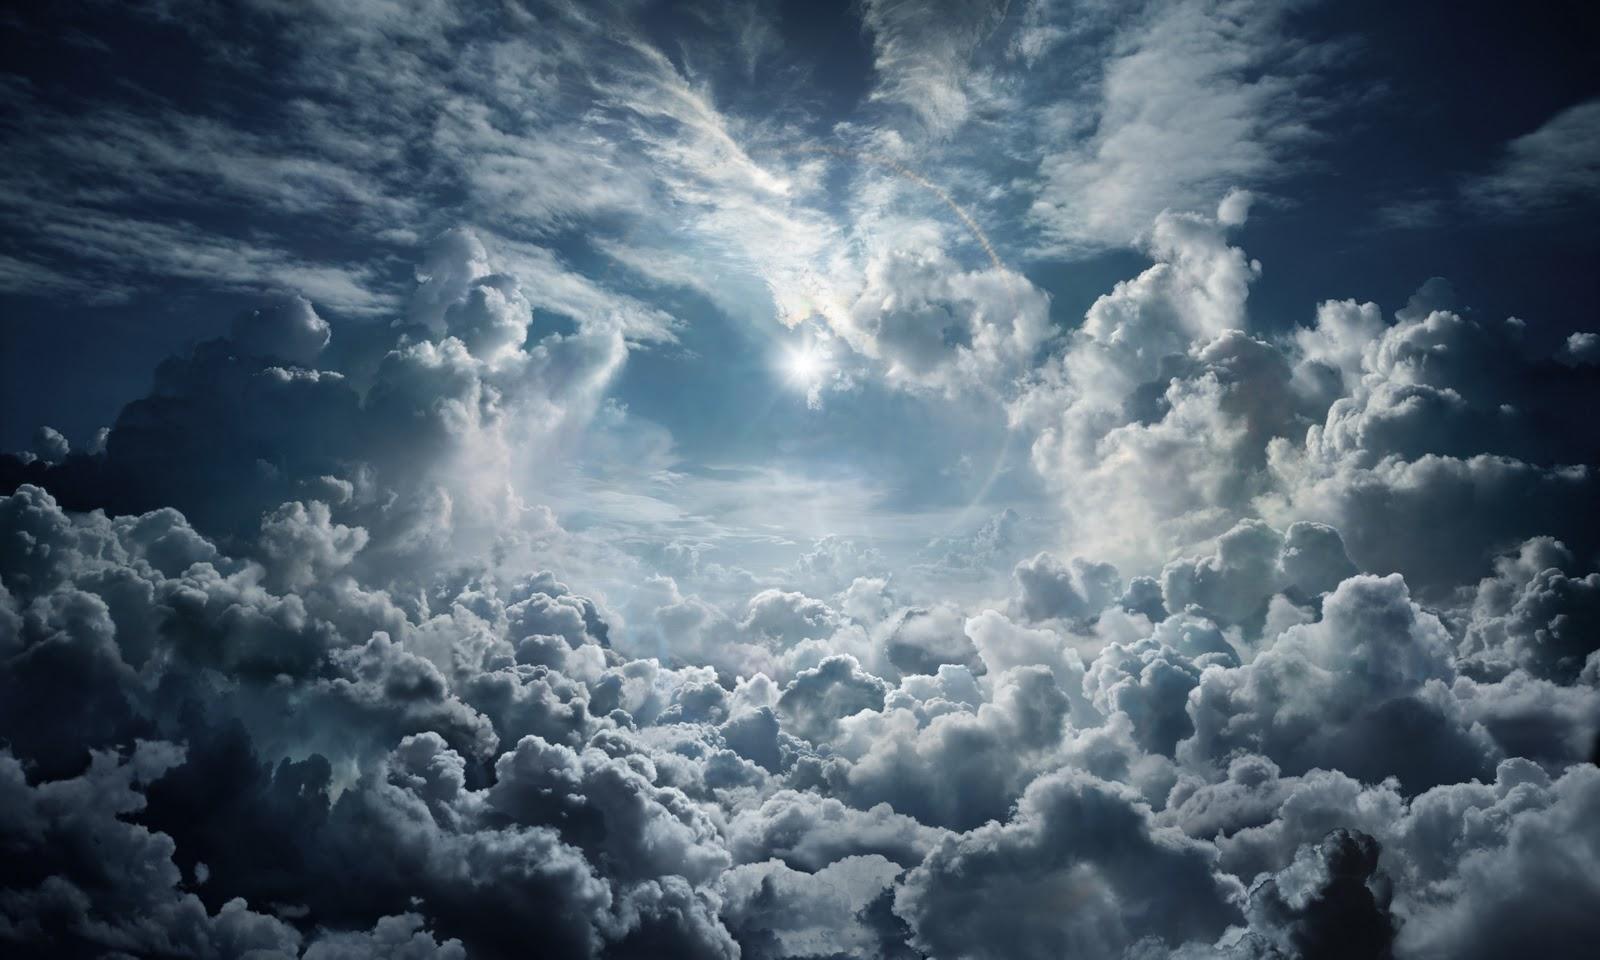 approaching eternity